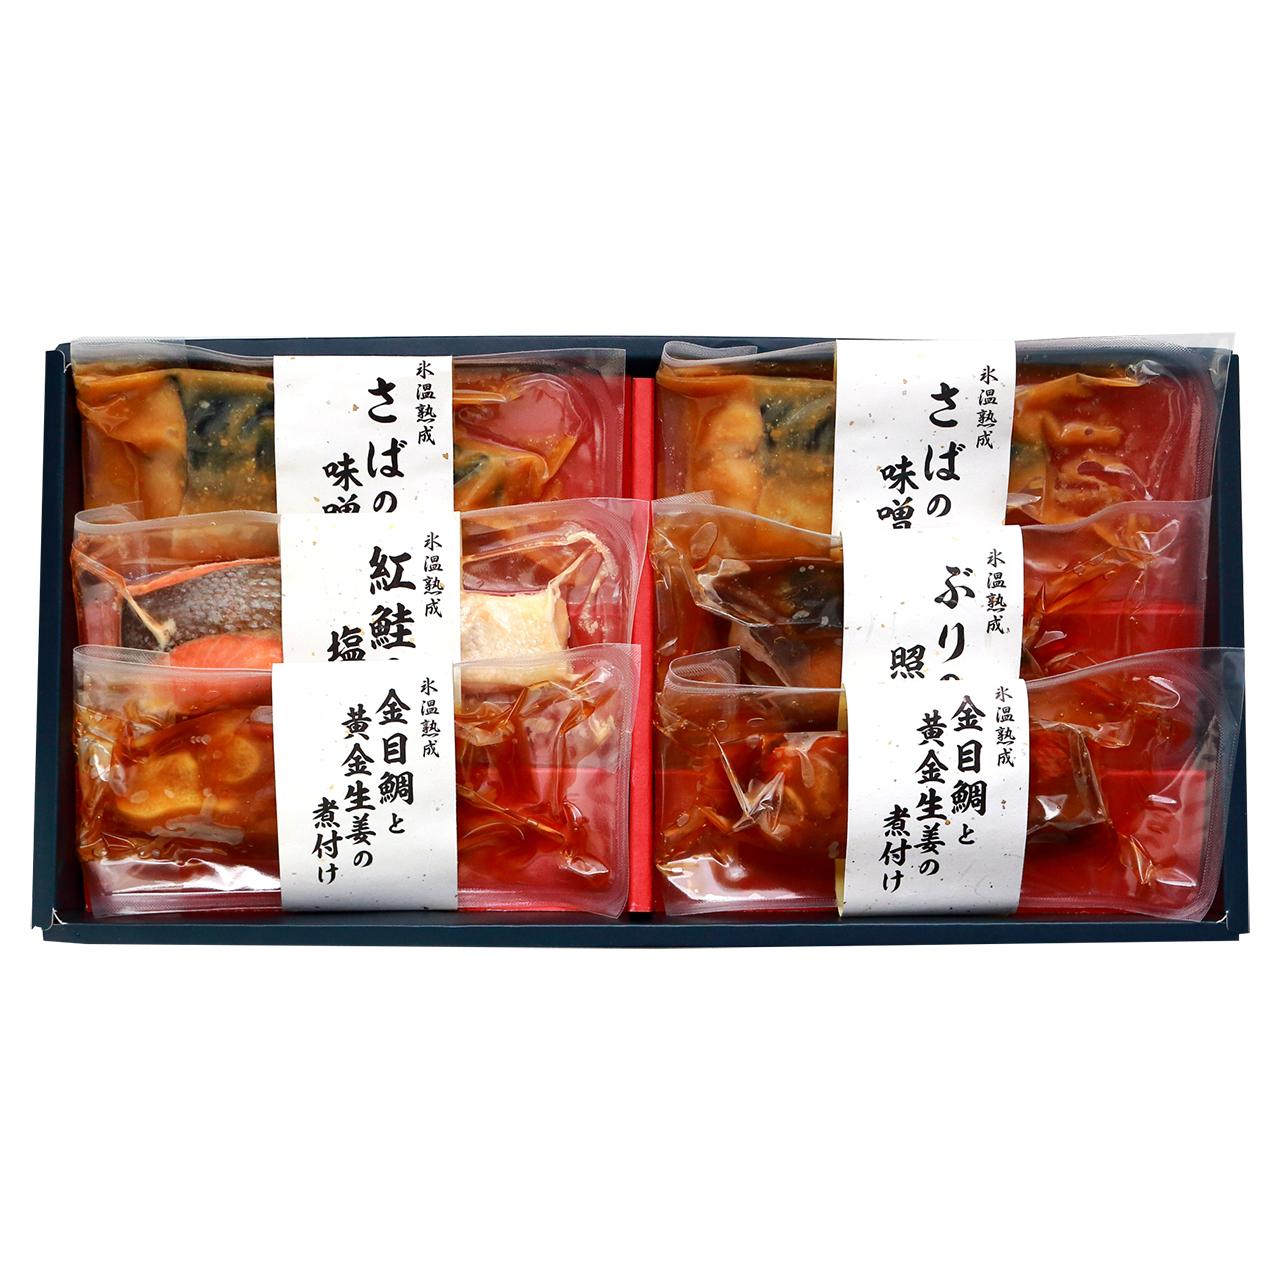 【敬老の日限定包装】氷温熟成 煮魚・焼き魚ギフトセット6切